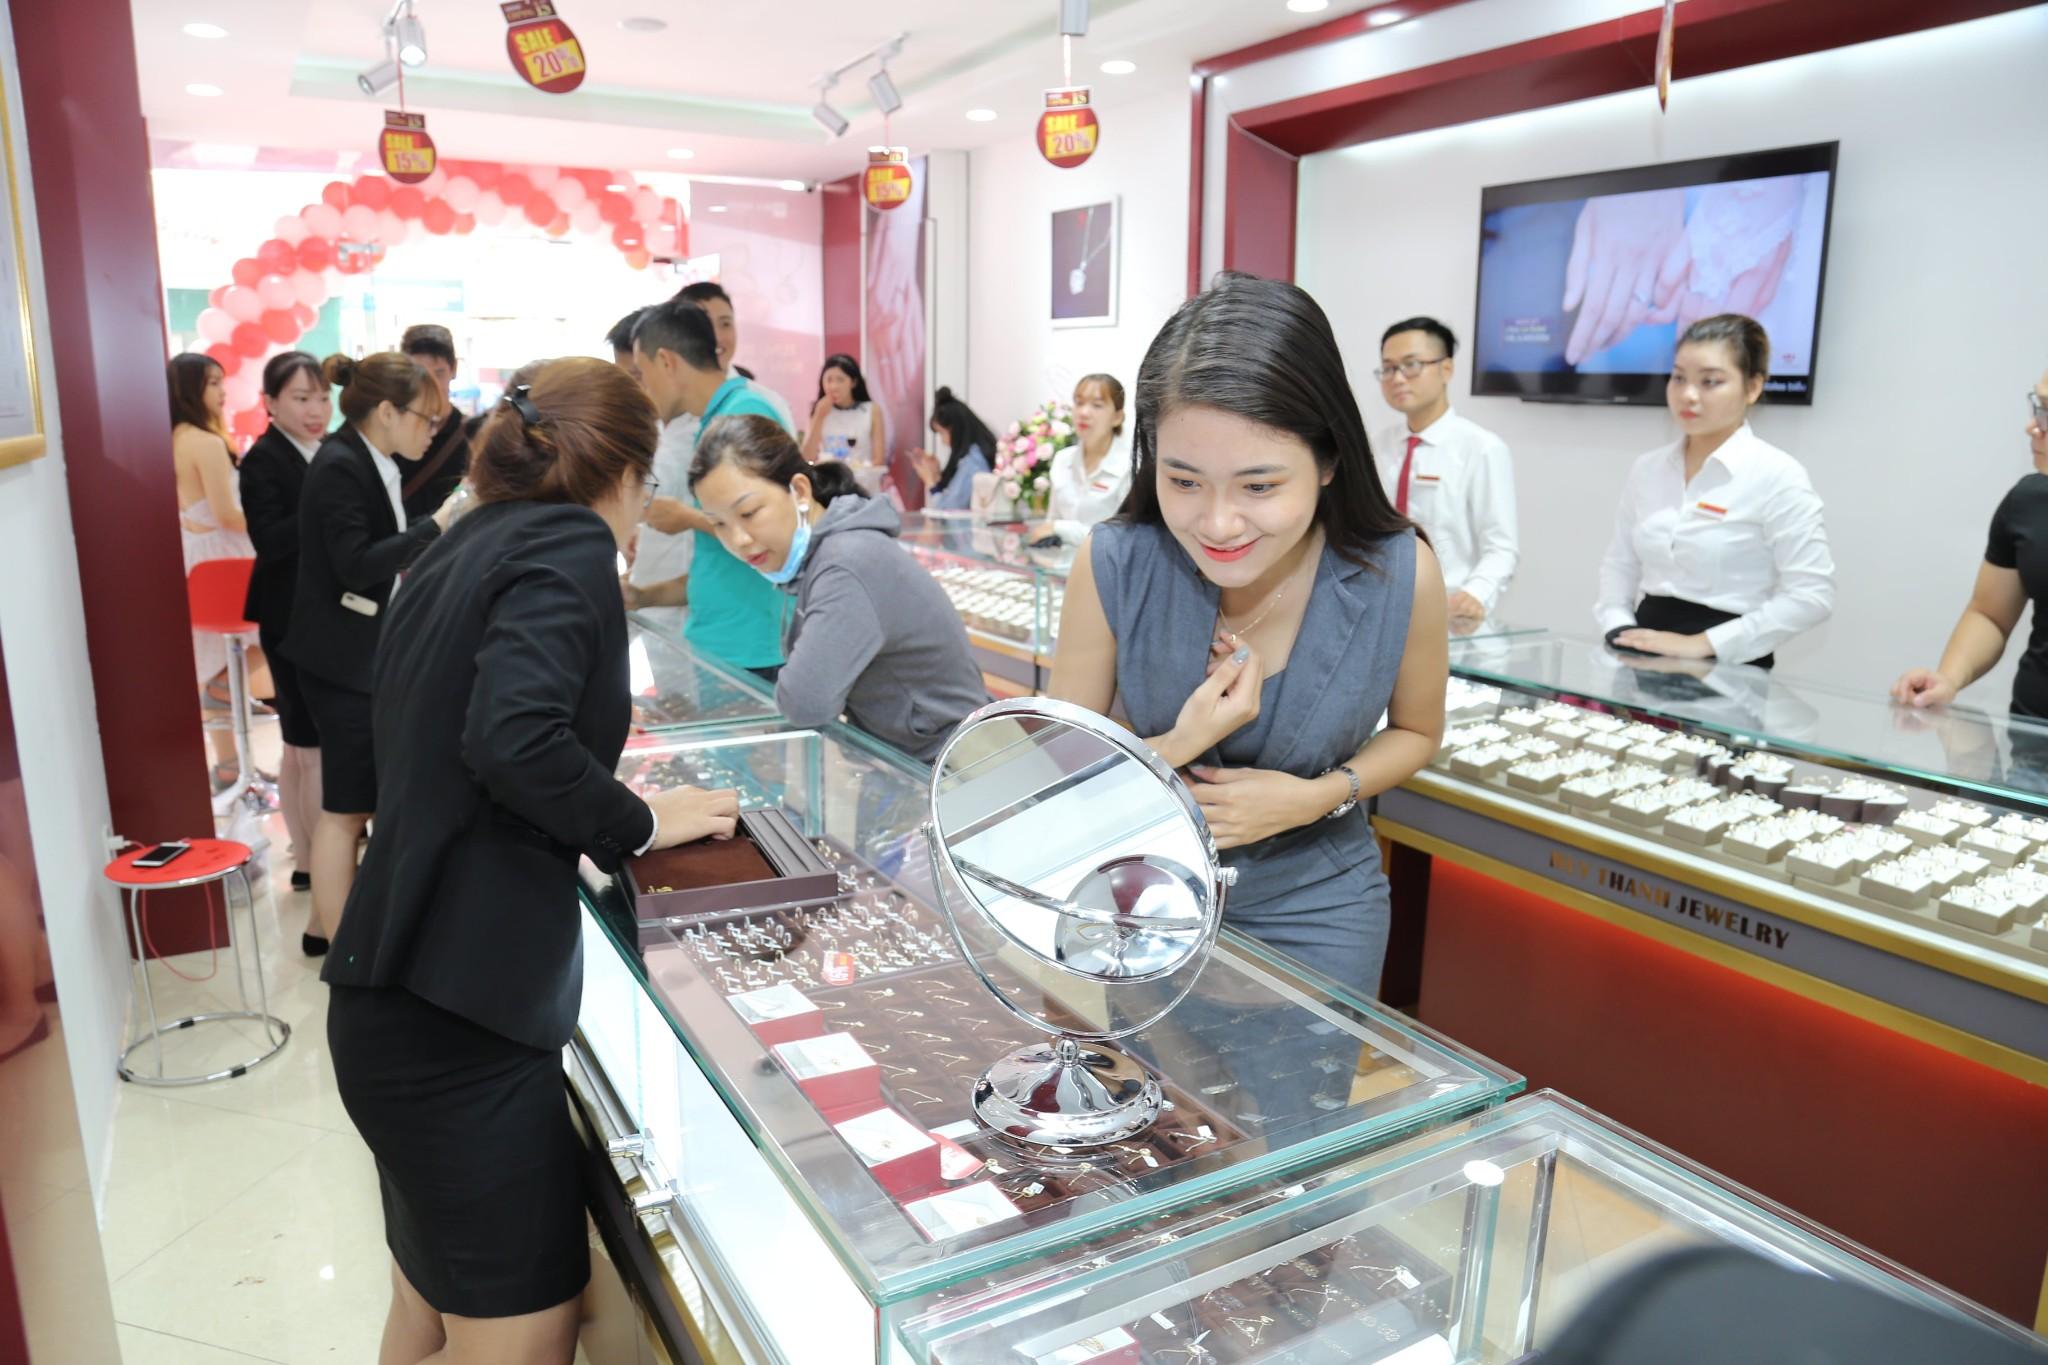 Kênh 14.vn Đưa Tin Huy Thanh Jewelry Khai Trương Showroom Tại Thái Nguyên